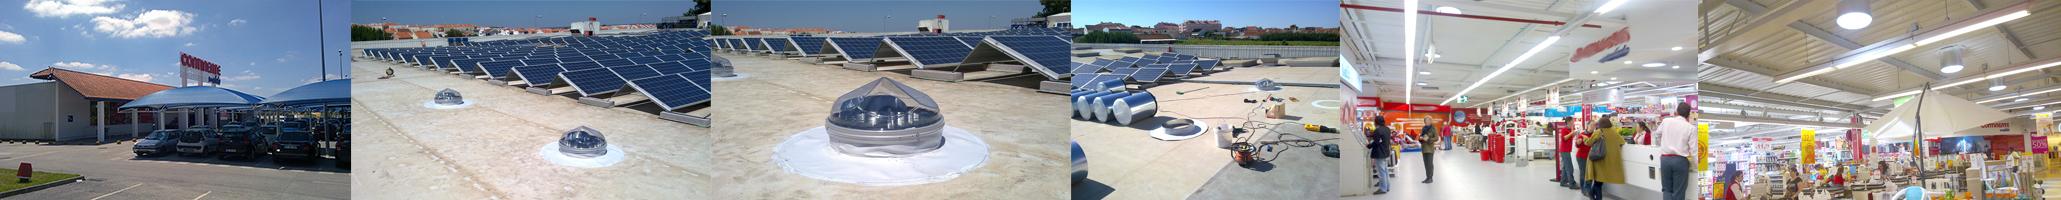 tubo_solar_chatron_comercial